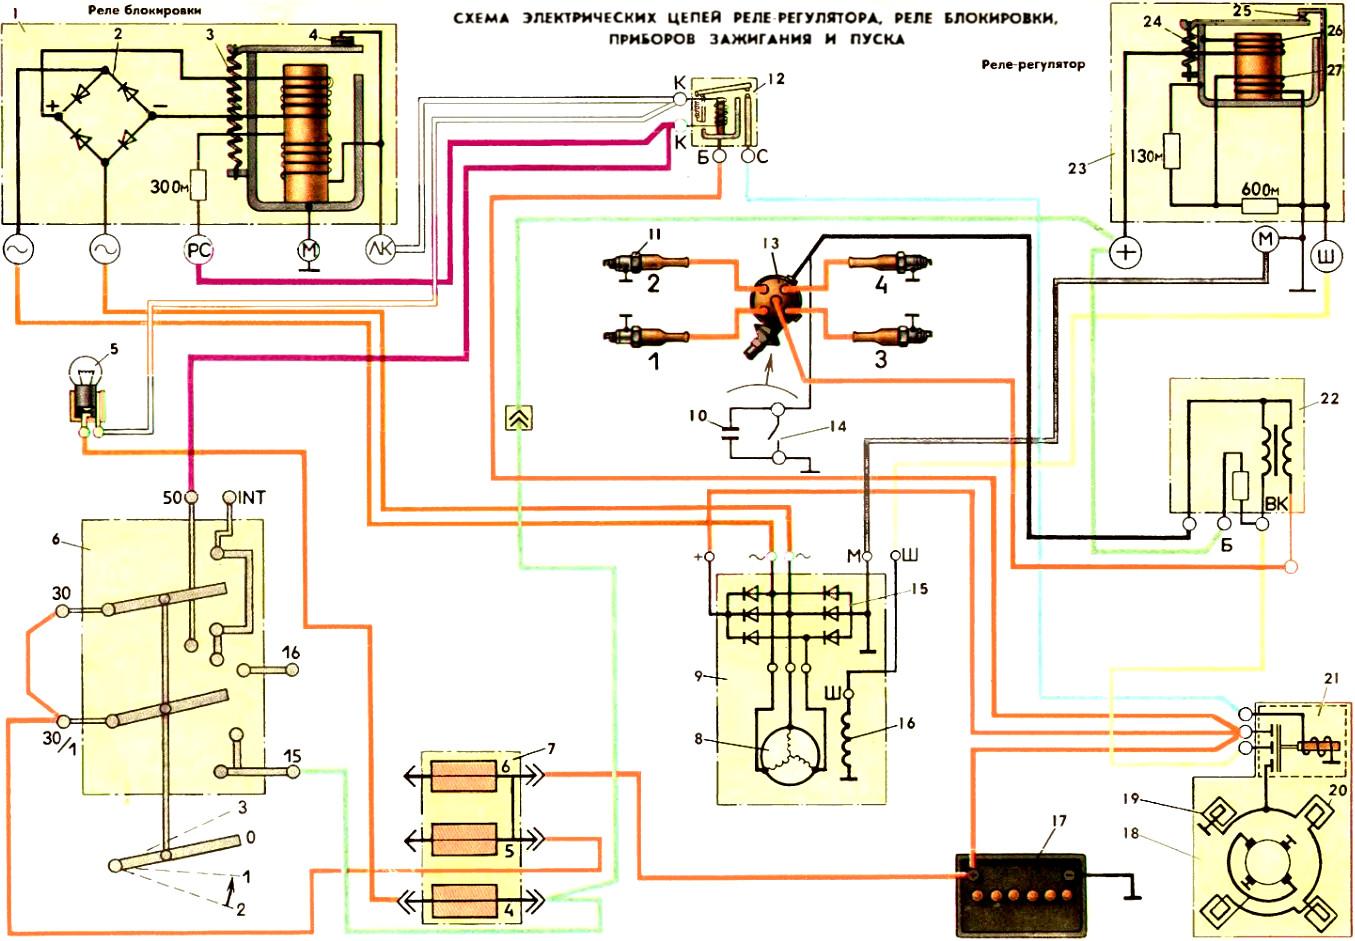 Схема электрических цепей реле блокировки РБ1, реле-регулятора РР-310В, приборов зажигания и пуска автомобиля ЗАЗ-968М Запорожец